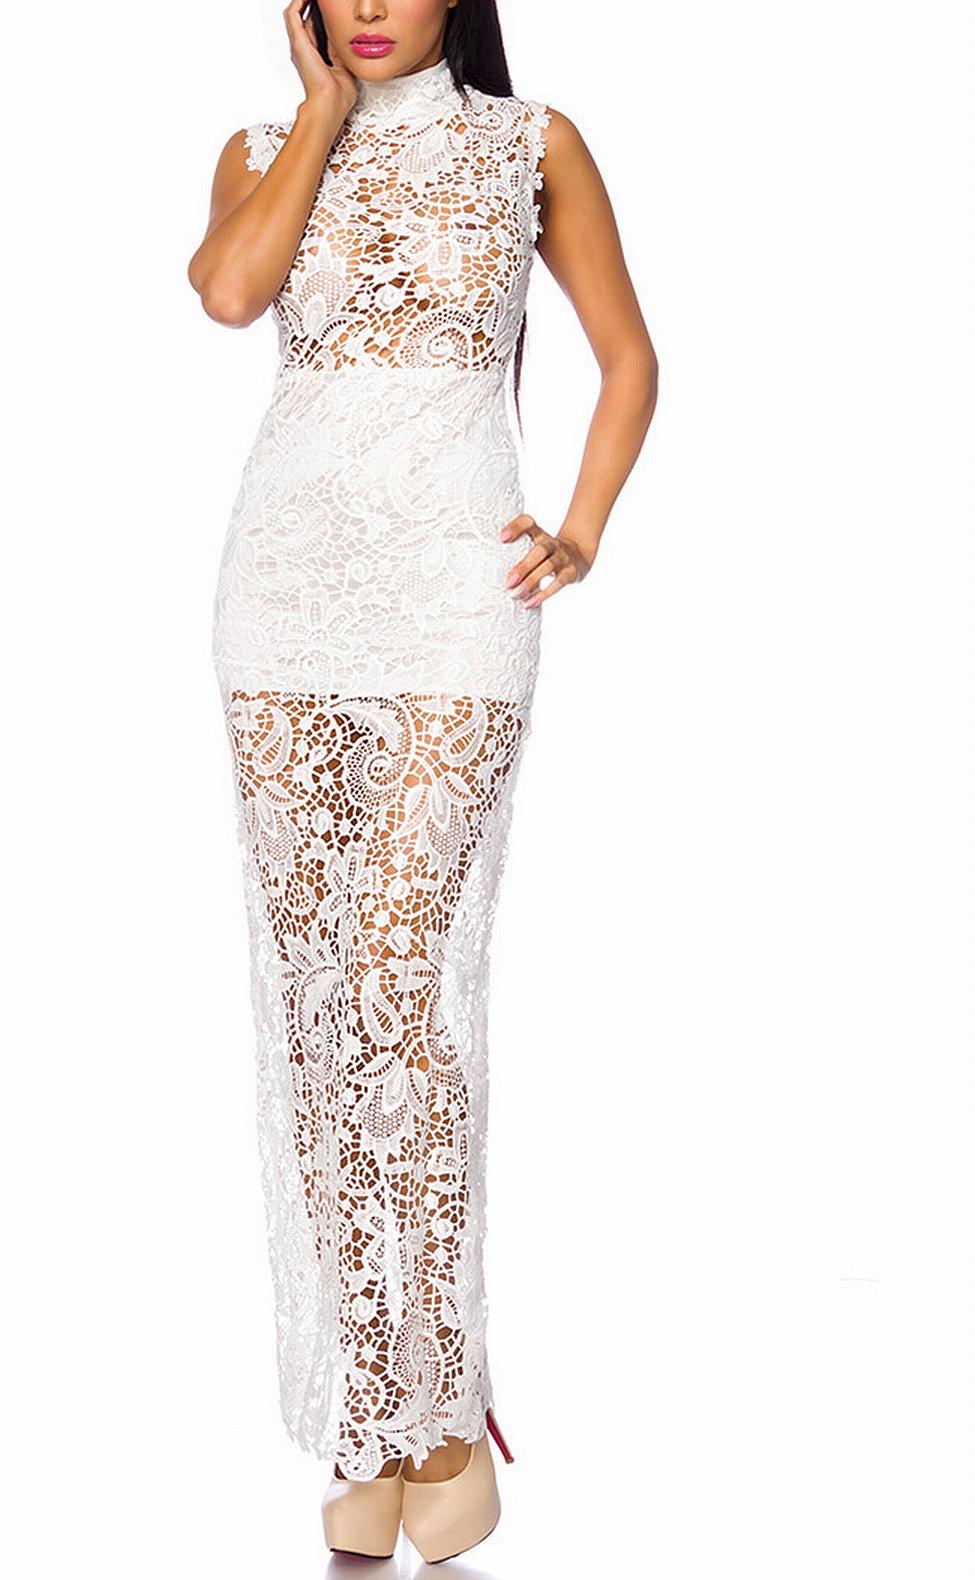 Kleid, weiß, Spitze, transparent, lang, Unterrock Kleid ...